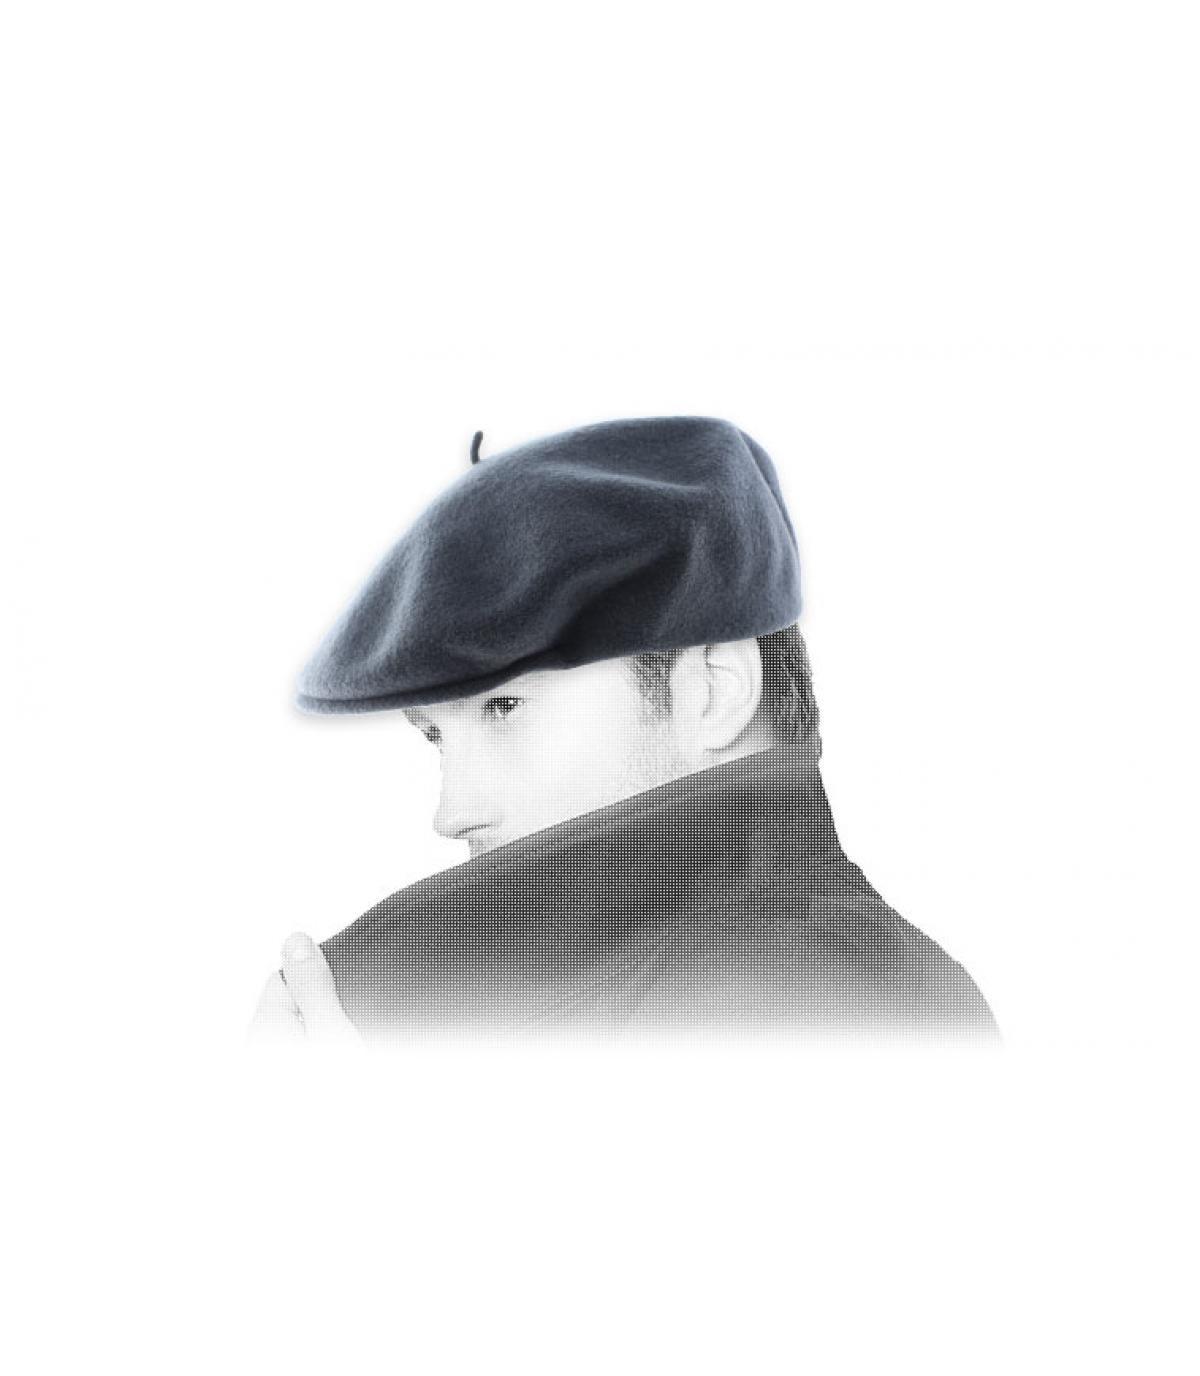 ornitorinco grigio berretto Laulhère